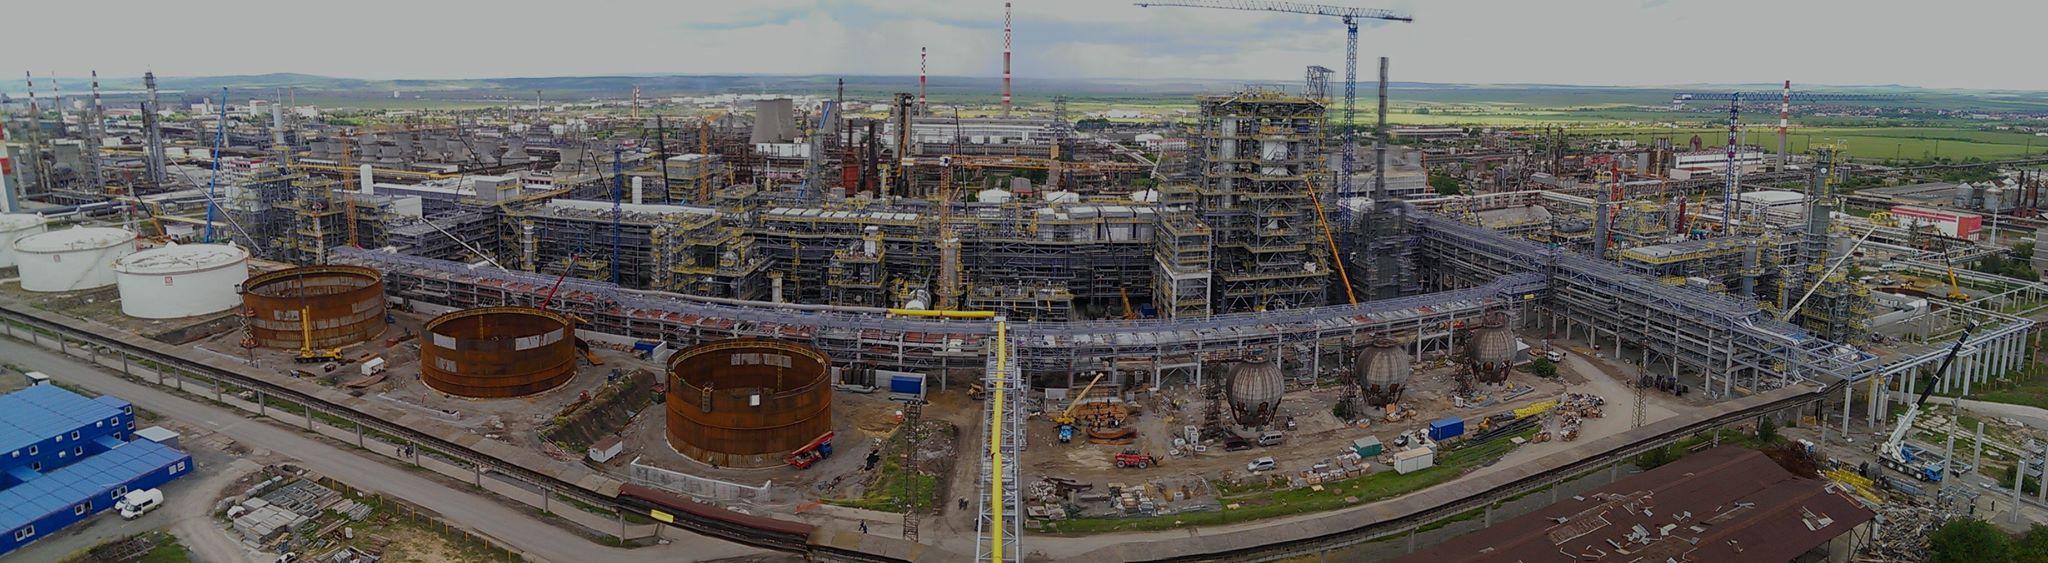 rafinery-complex-slider